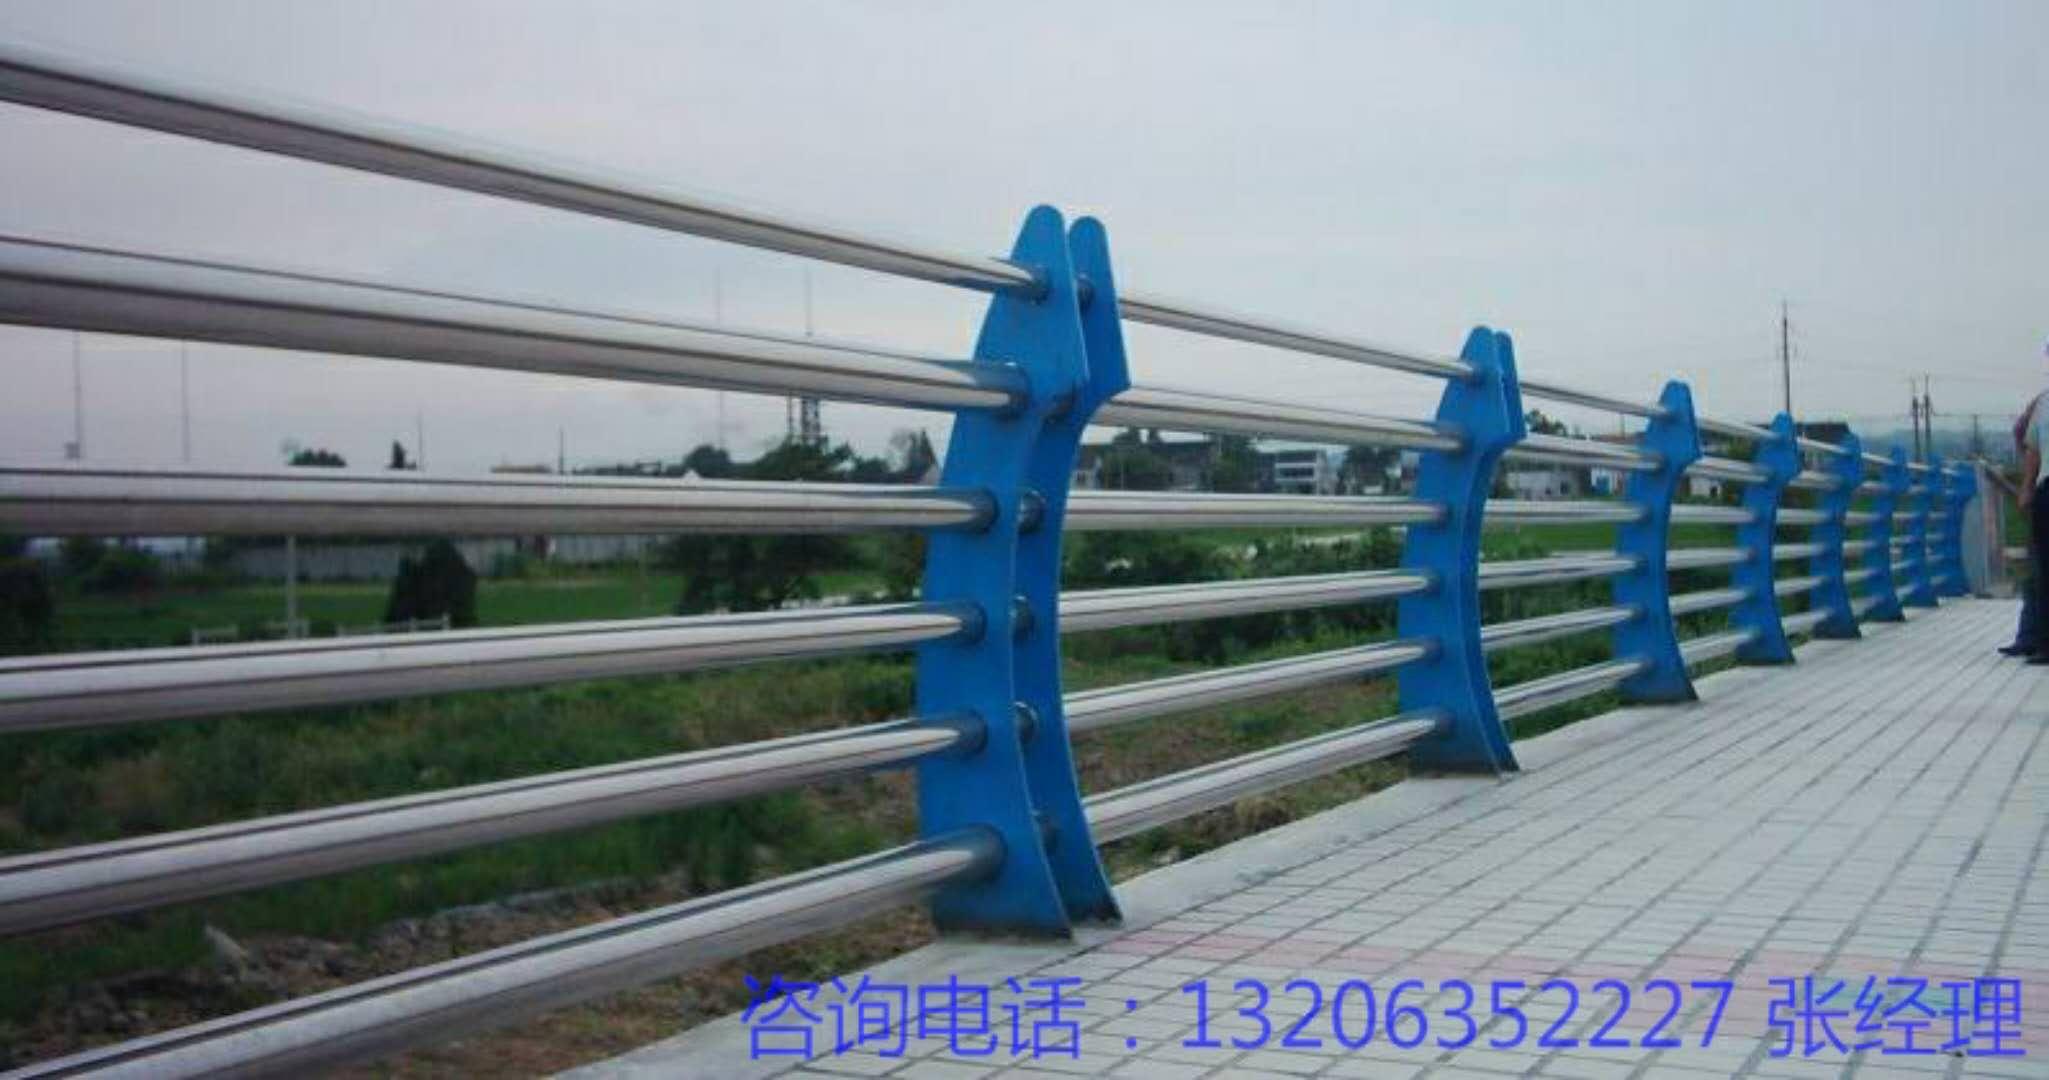 彭阳县不锈钢复合管河道护栏安装方法